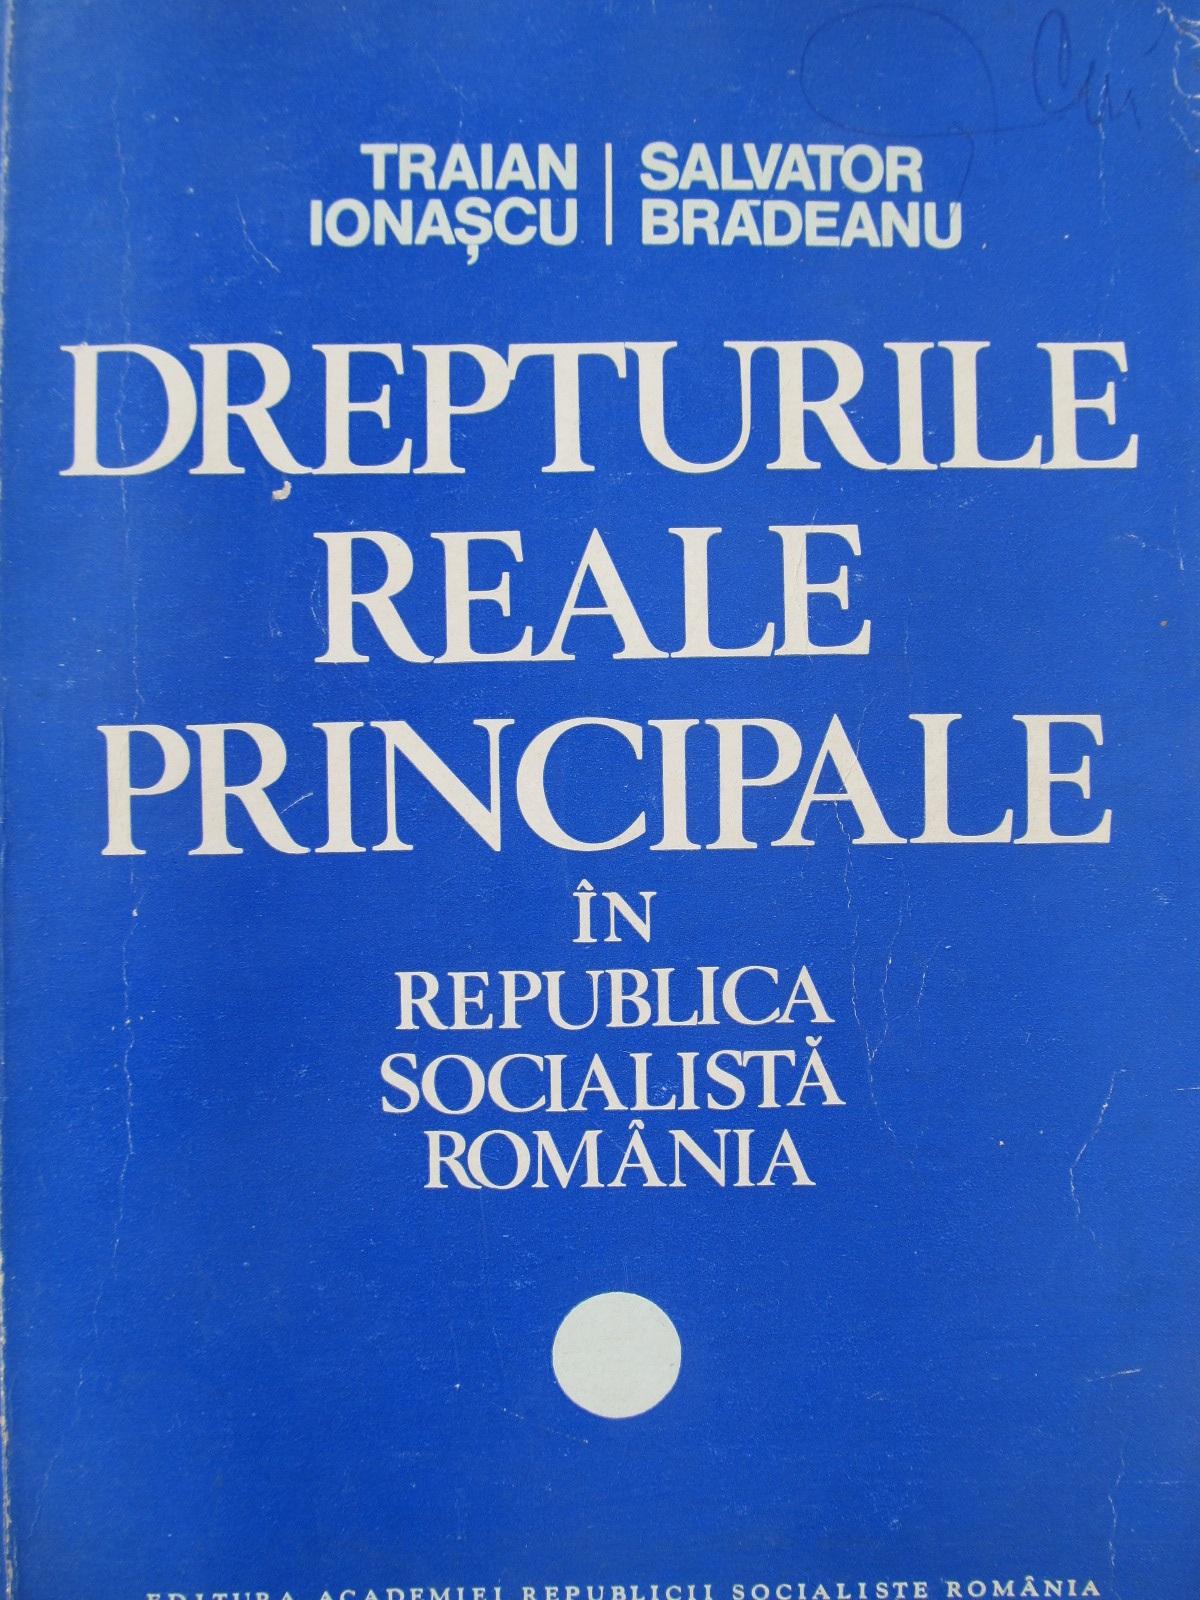 Drepturile reale principale in Republica Socialista Romania - Traian Ionascu , Salvator Brateanu   Detalii carte